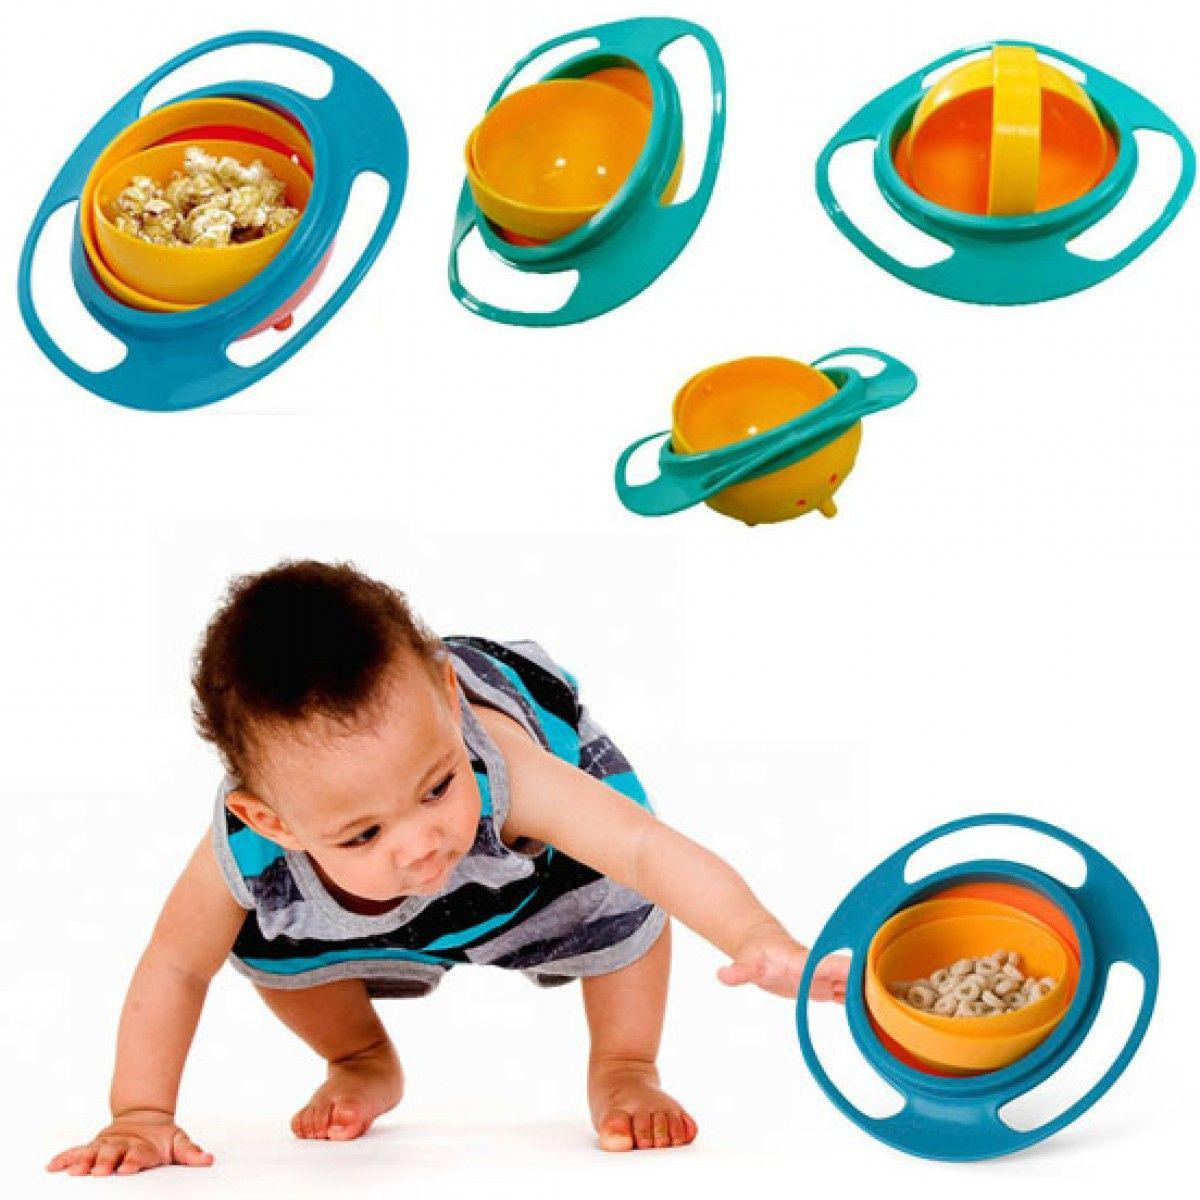 ظرف غذای کودک چرخشی Gyro Bowl